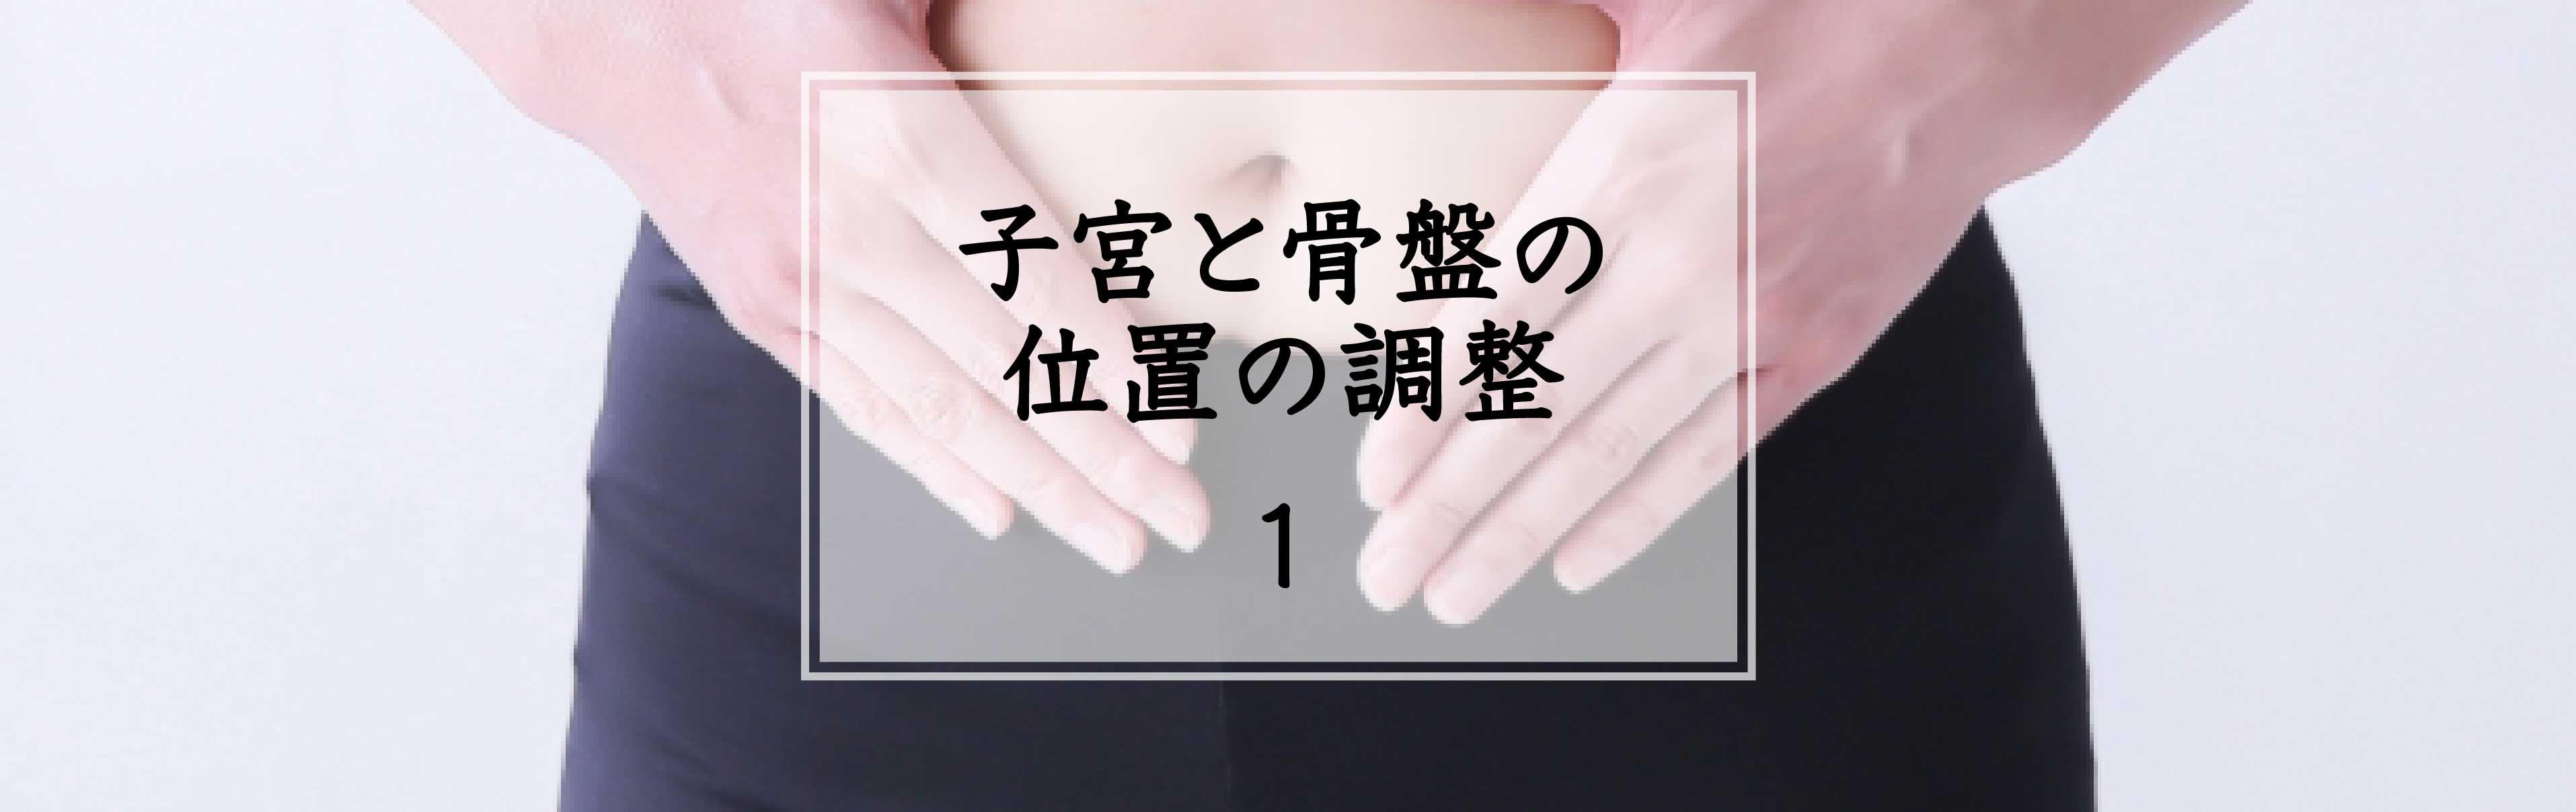 美浜鍼整道当院の施術の特長1